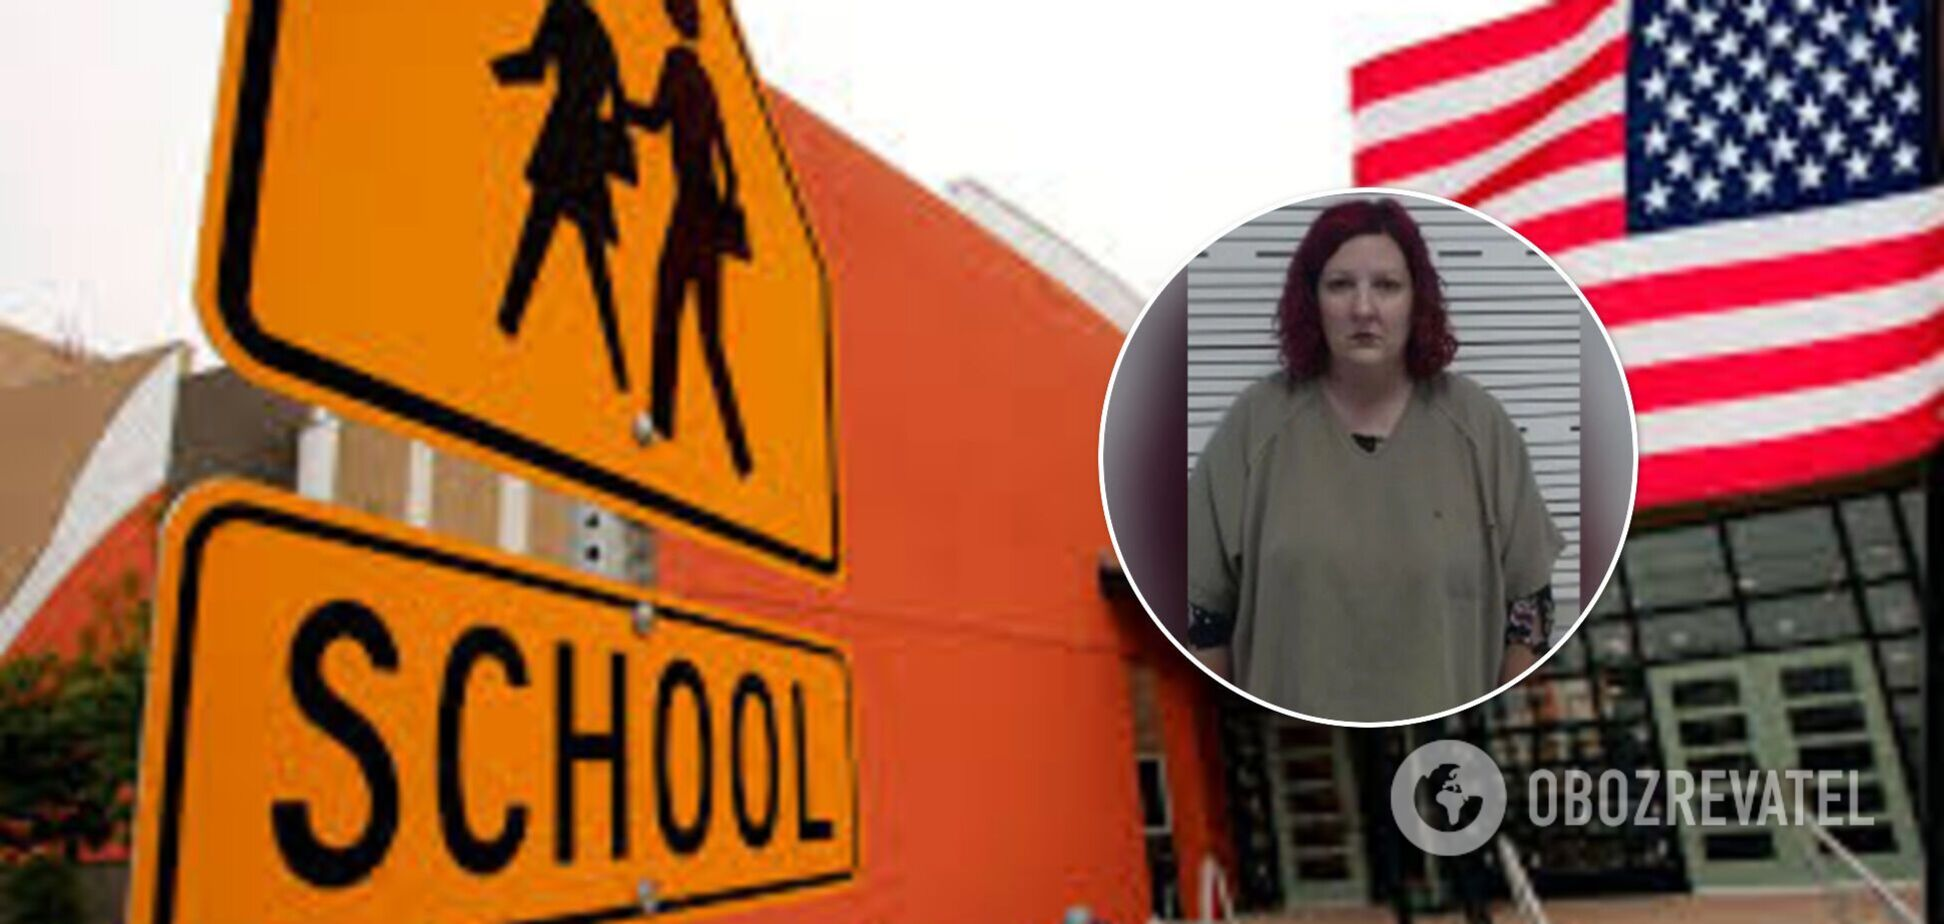 В США 'учитель года' покончила с собой после обвинения в сексе с двумя учениками